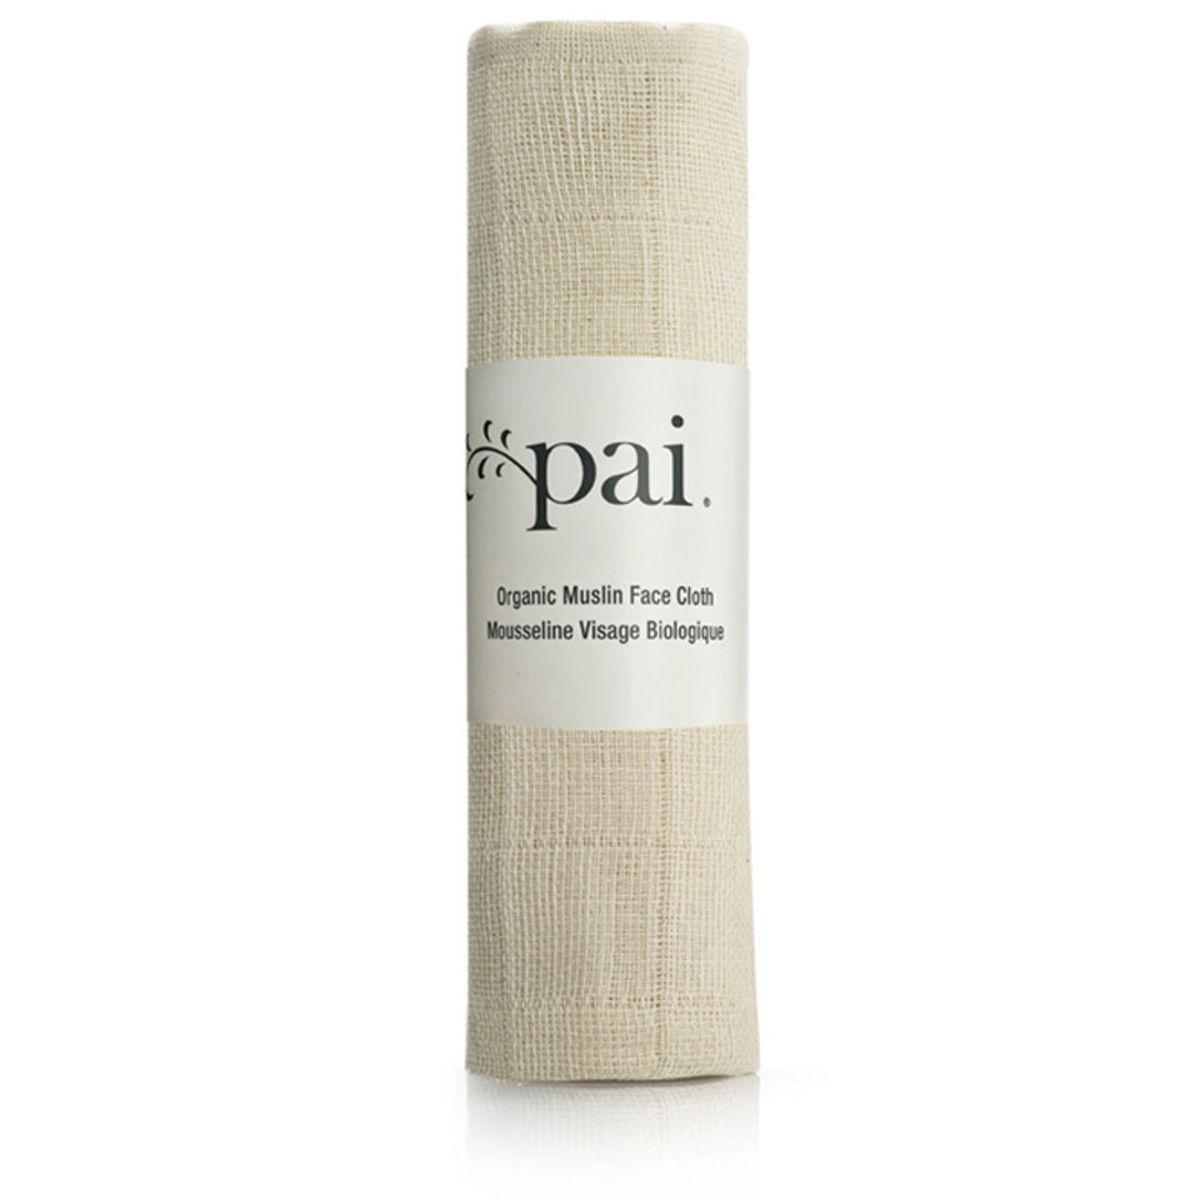 Pai Organic Muslin Face Cloth